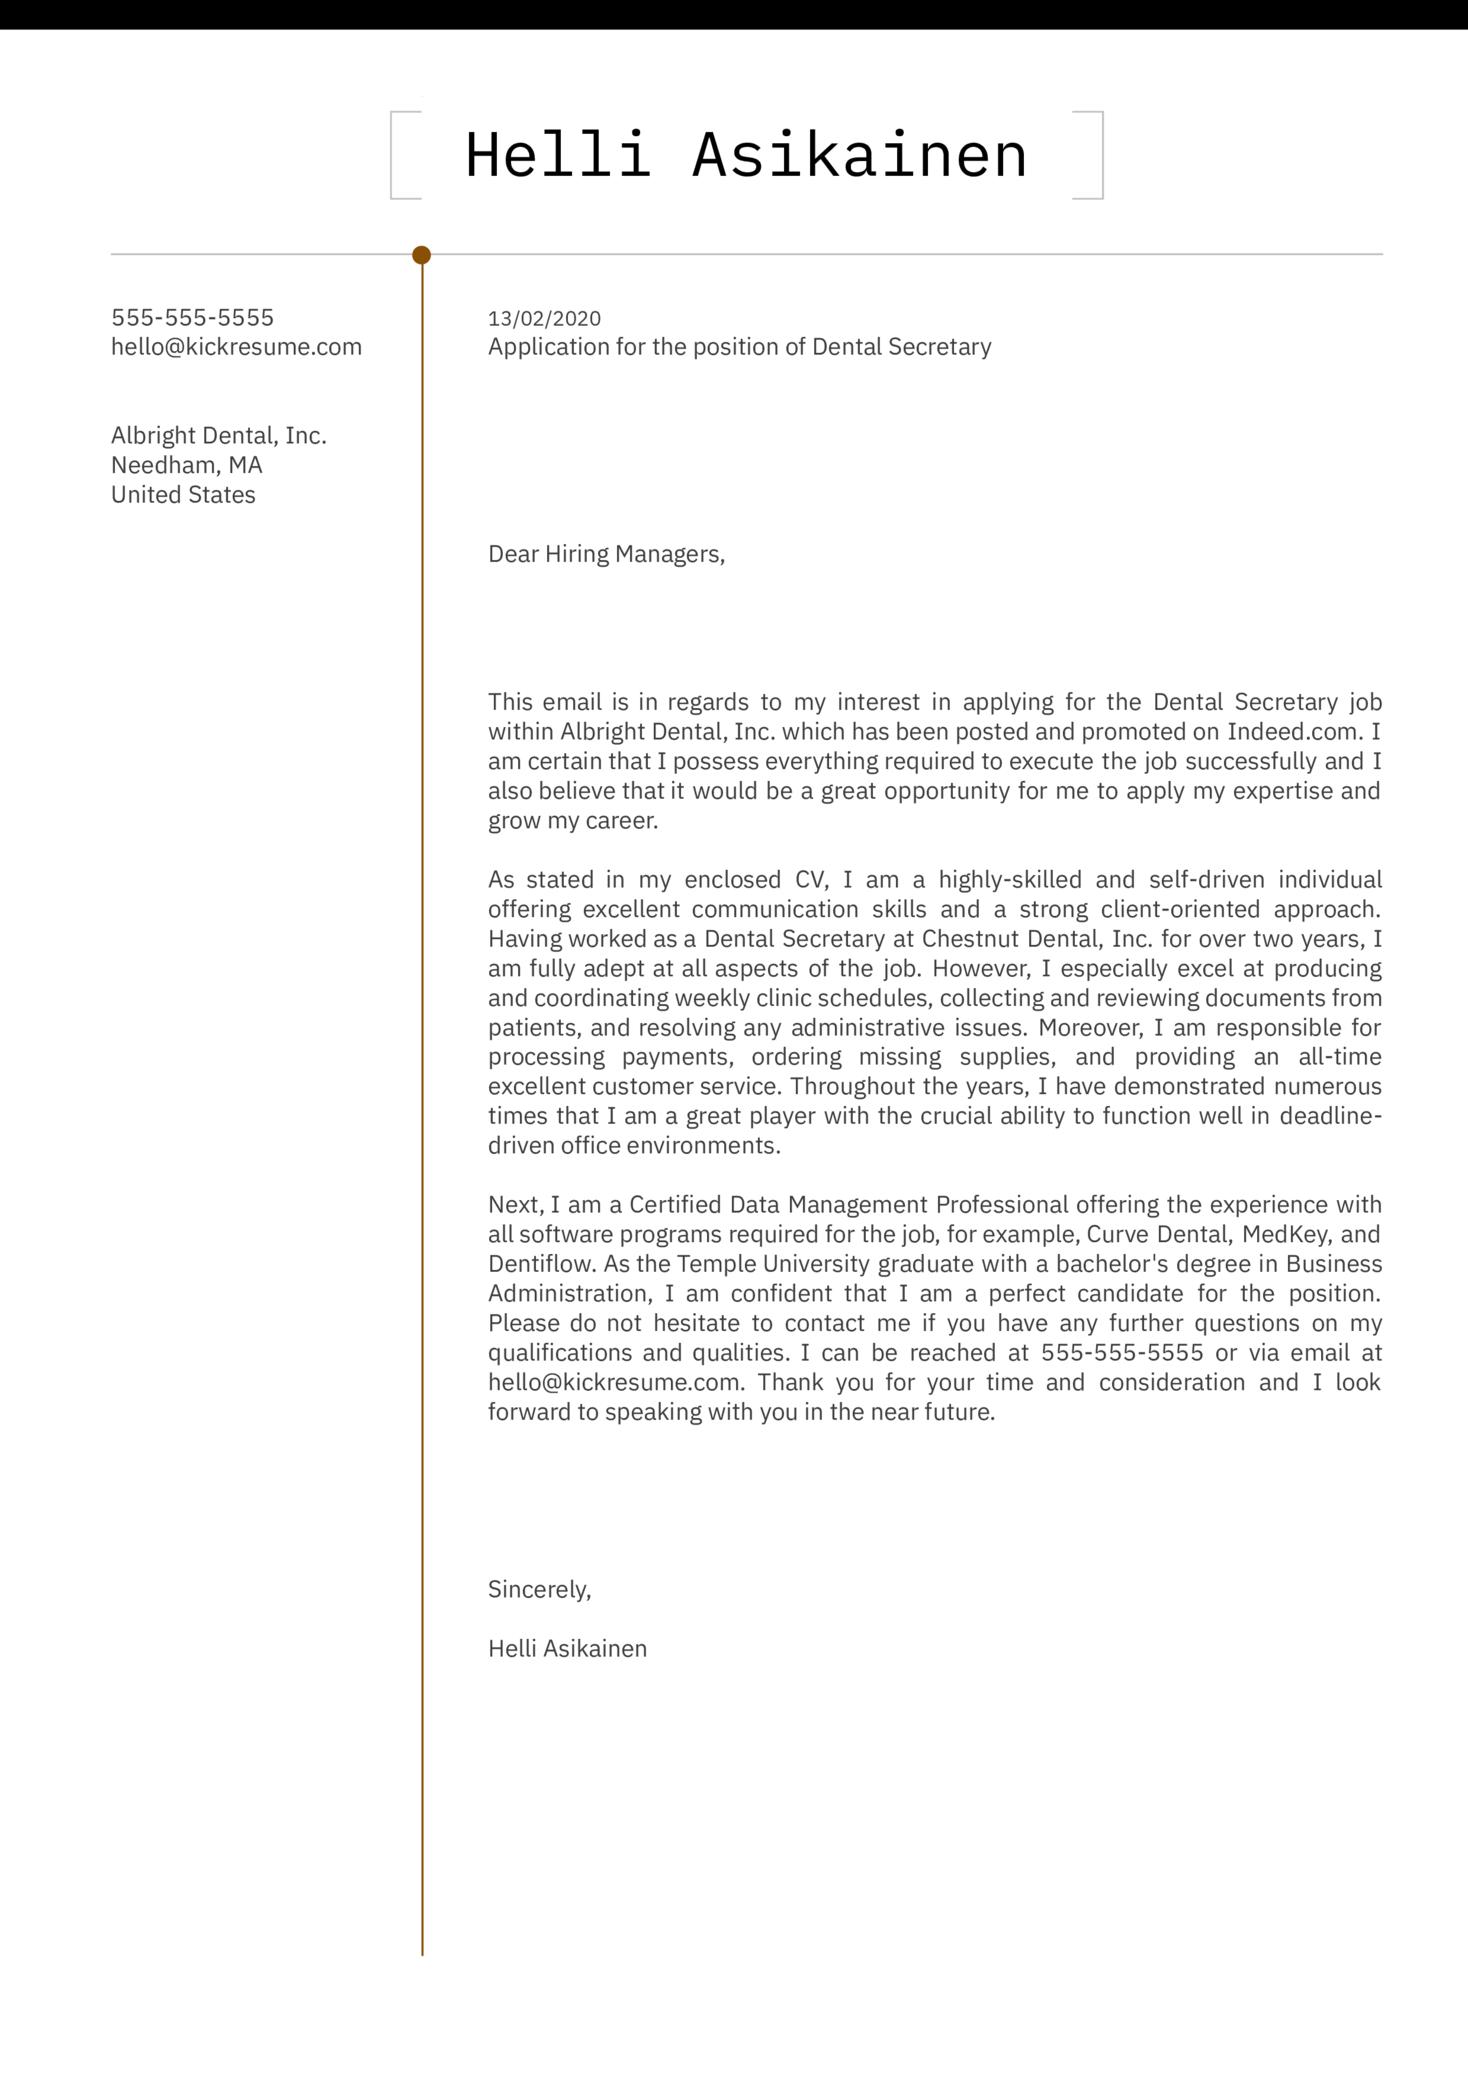 Dental Secretary Cover Letter Sample